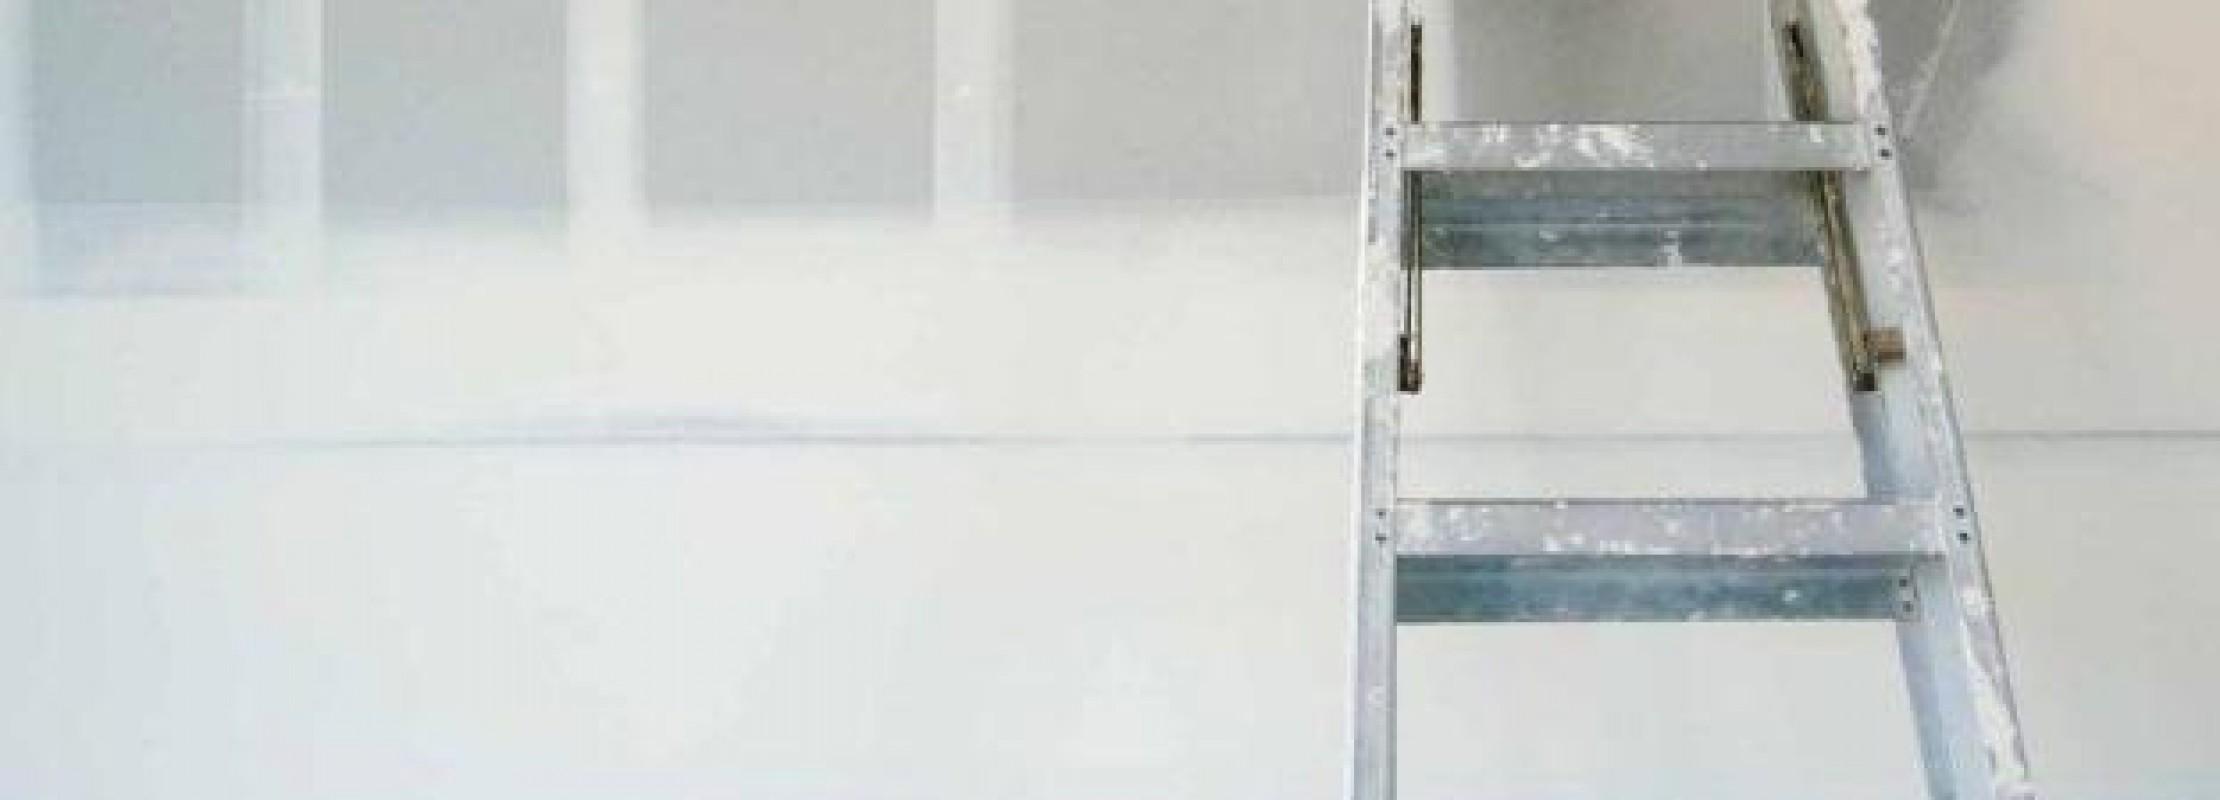 Mensole Cartongesso Pronte.Mensole In Cartongesso Consigli E Costi Blog Edilnet